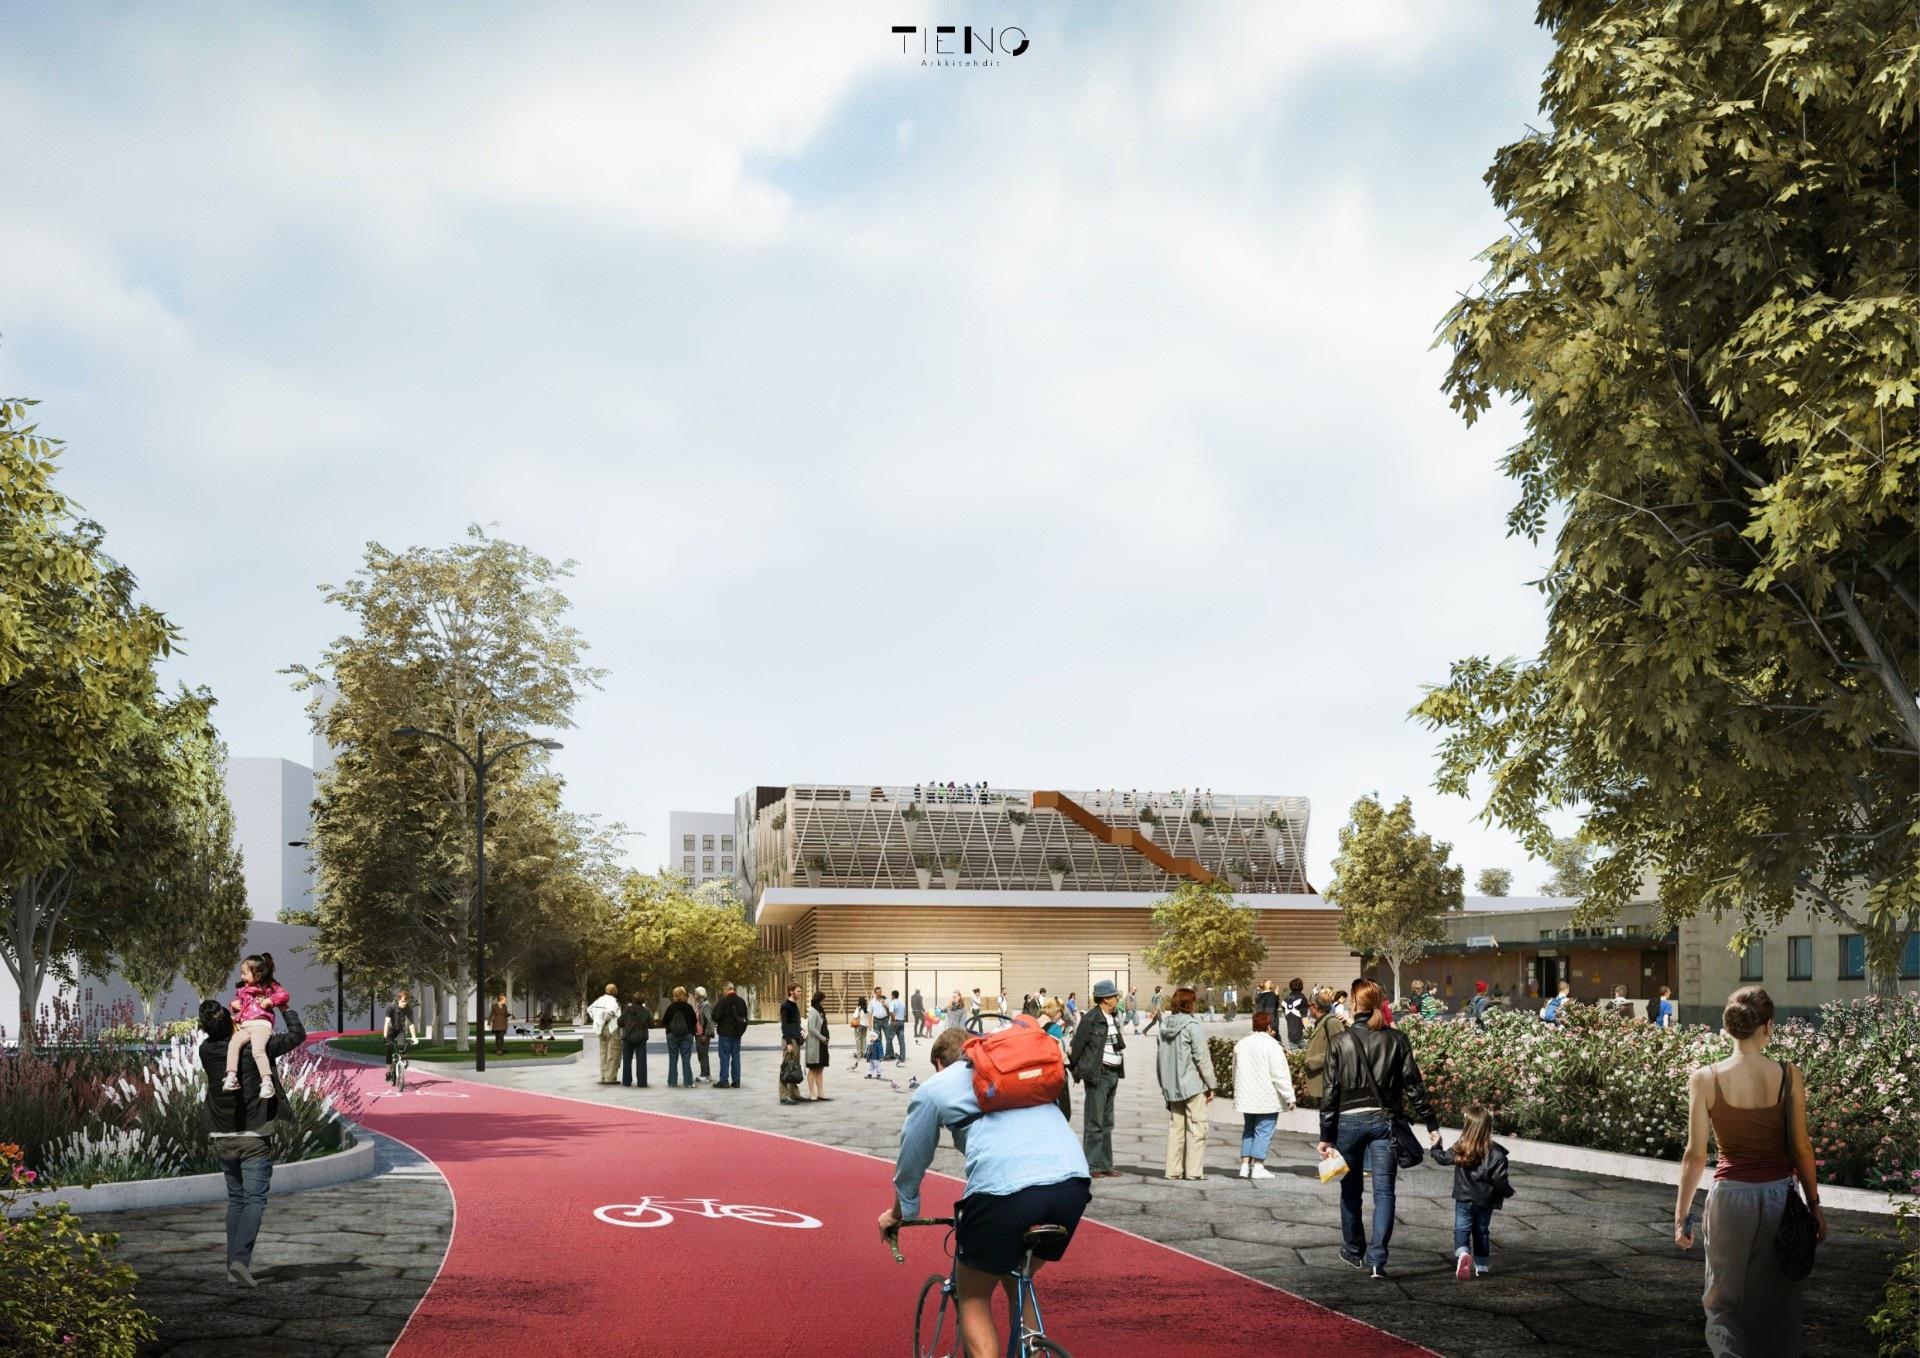 Havainnekuvassa esitetään alueen keskelle tuleva puistokäytävä, johon tulee erilliset kaistata pyöräilijöille ja kävelijöille